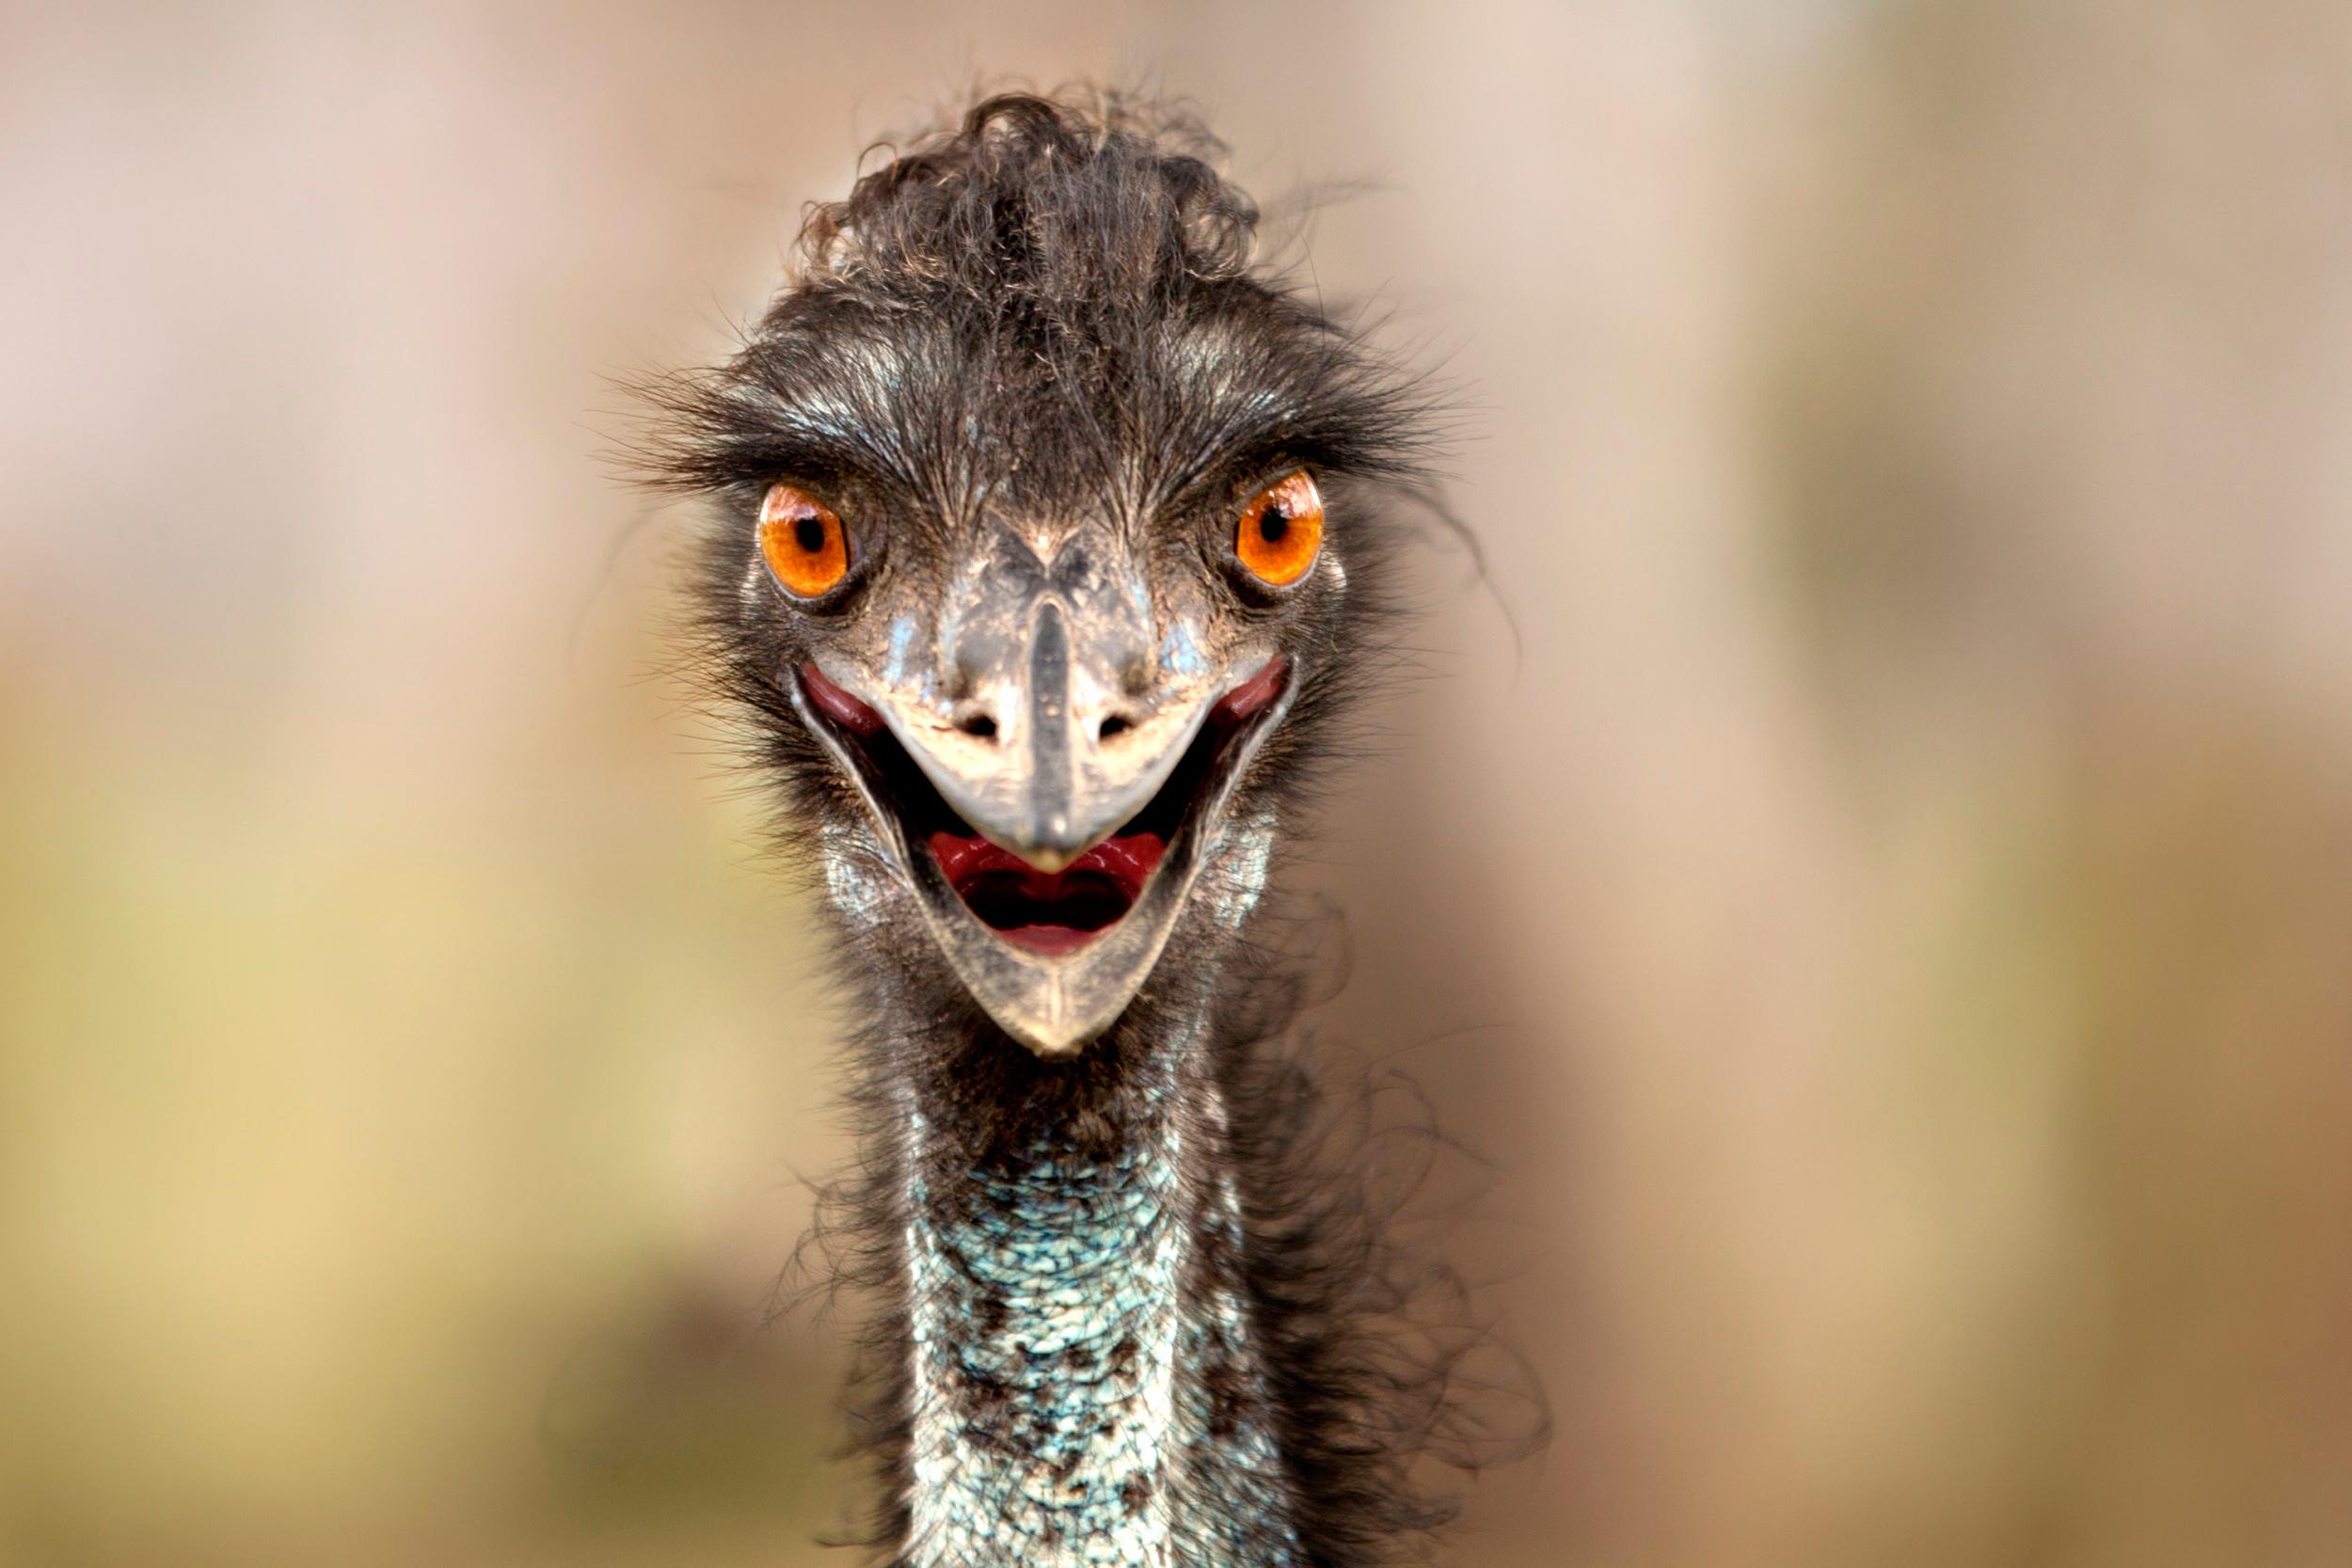 основном, приколы тупые взгляды птиц фото для